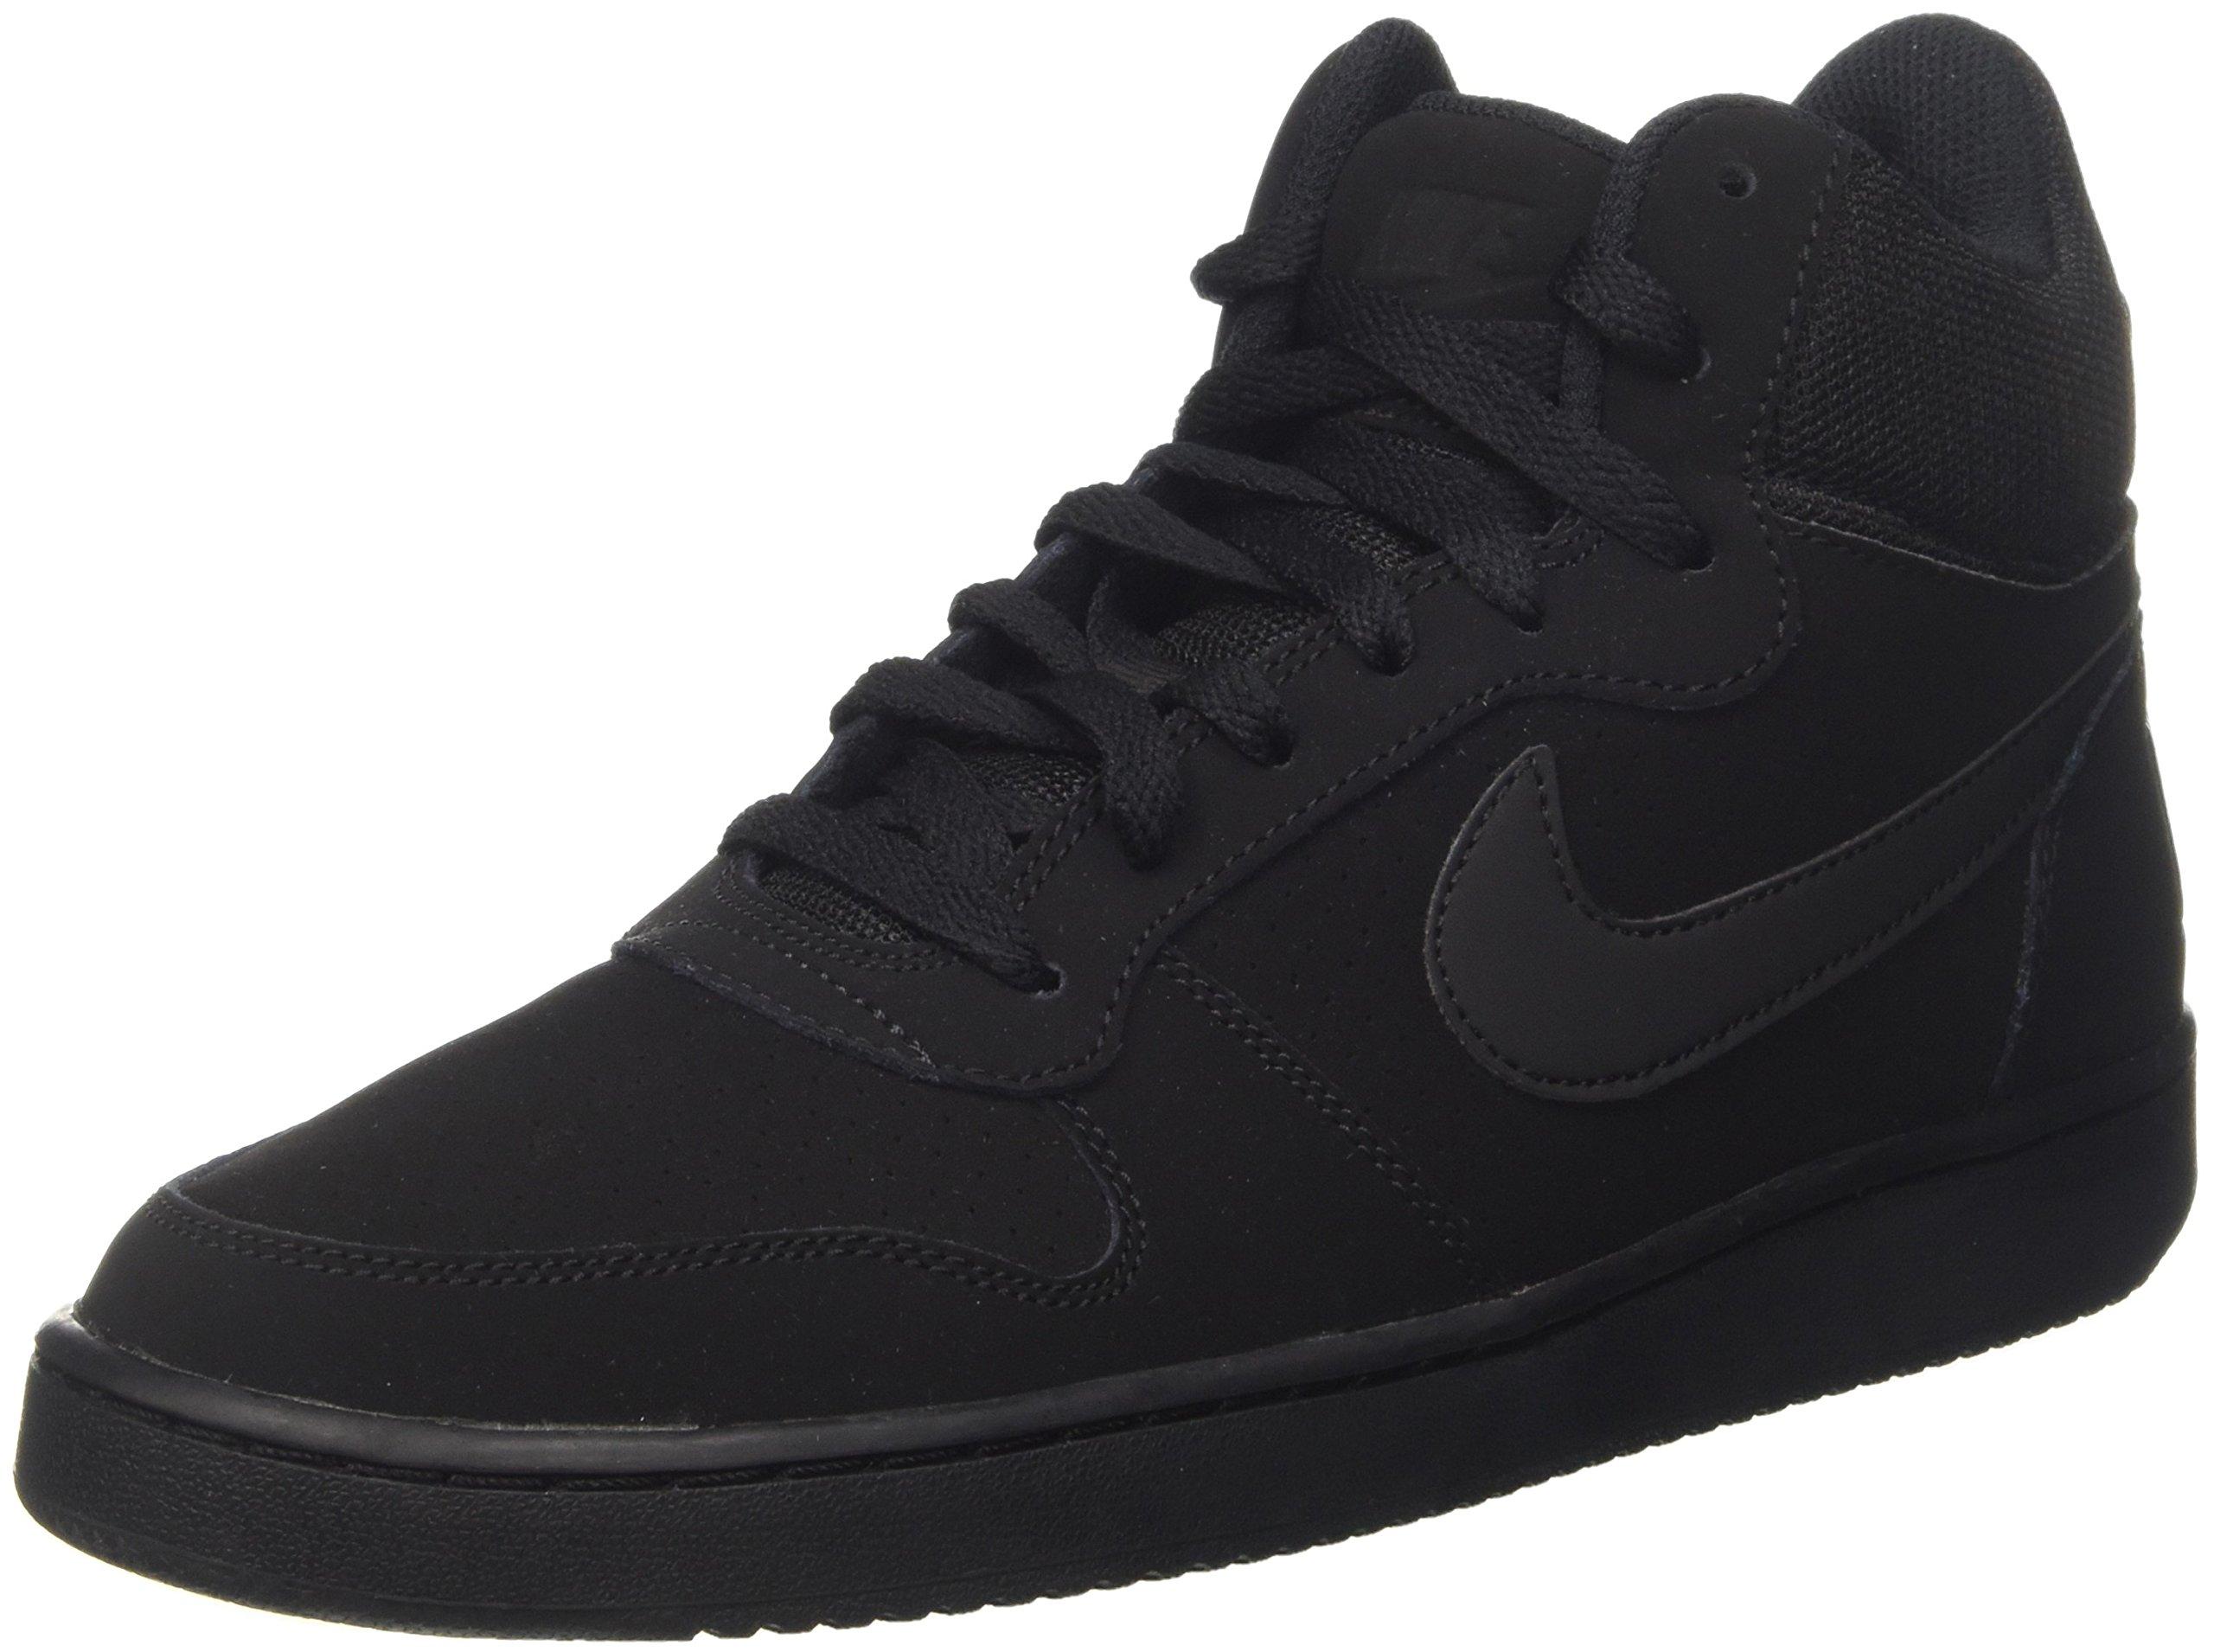 980d3dce7ecdd Galleon - NIKE Men's Court Borough Mid Basketball Shoe, Black, 9 D US